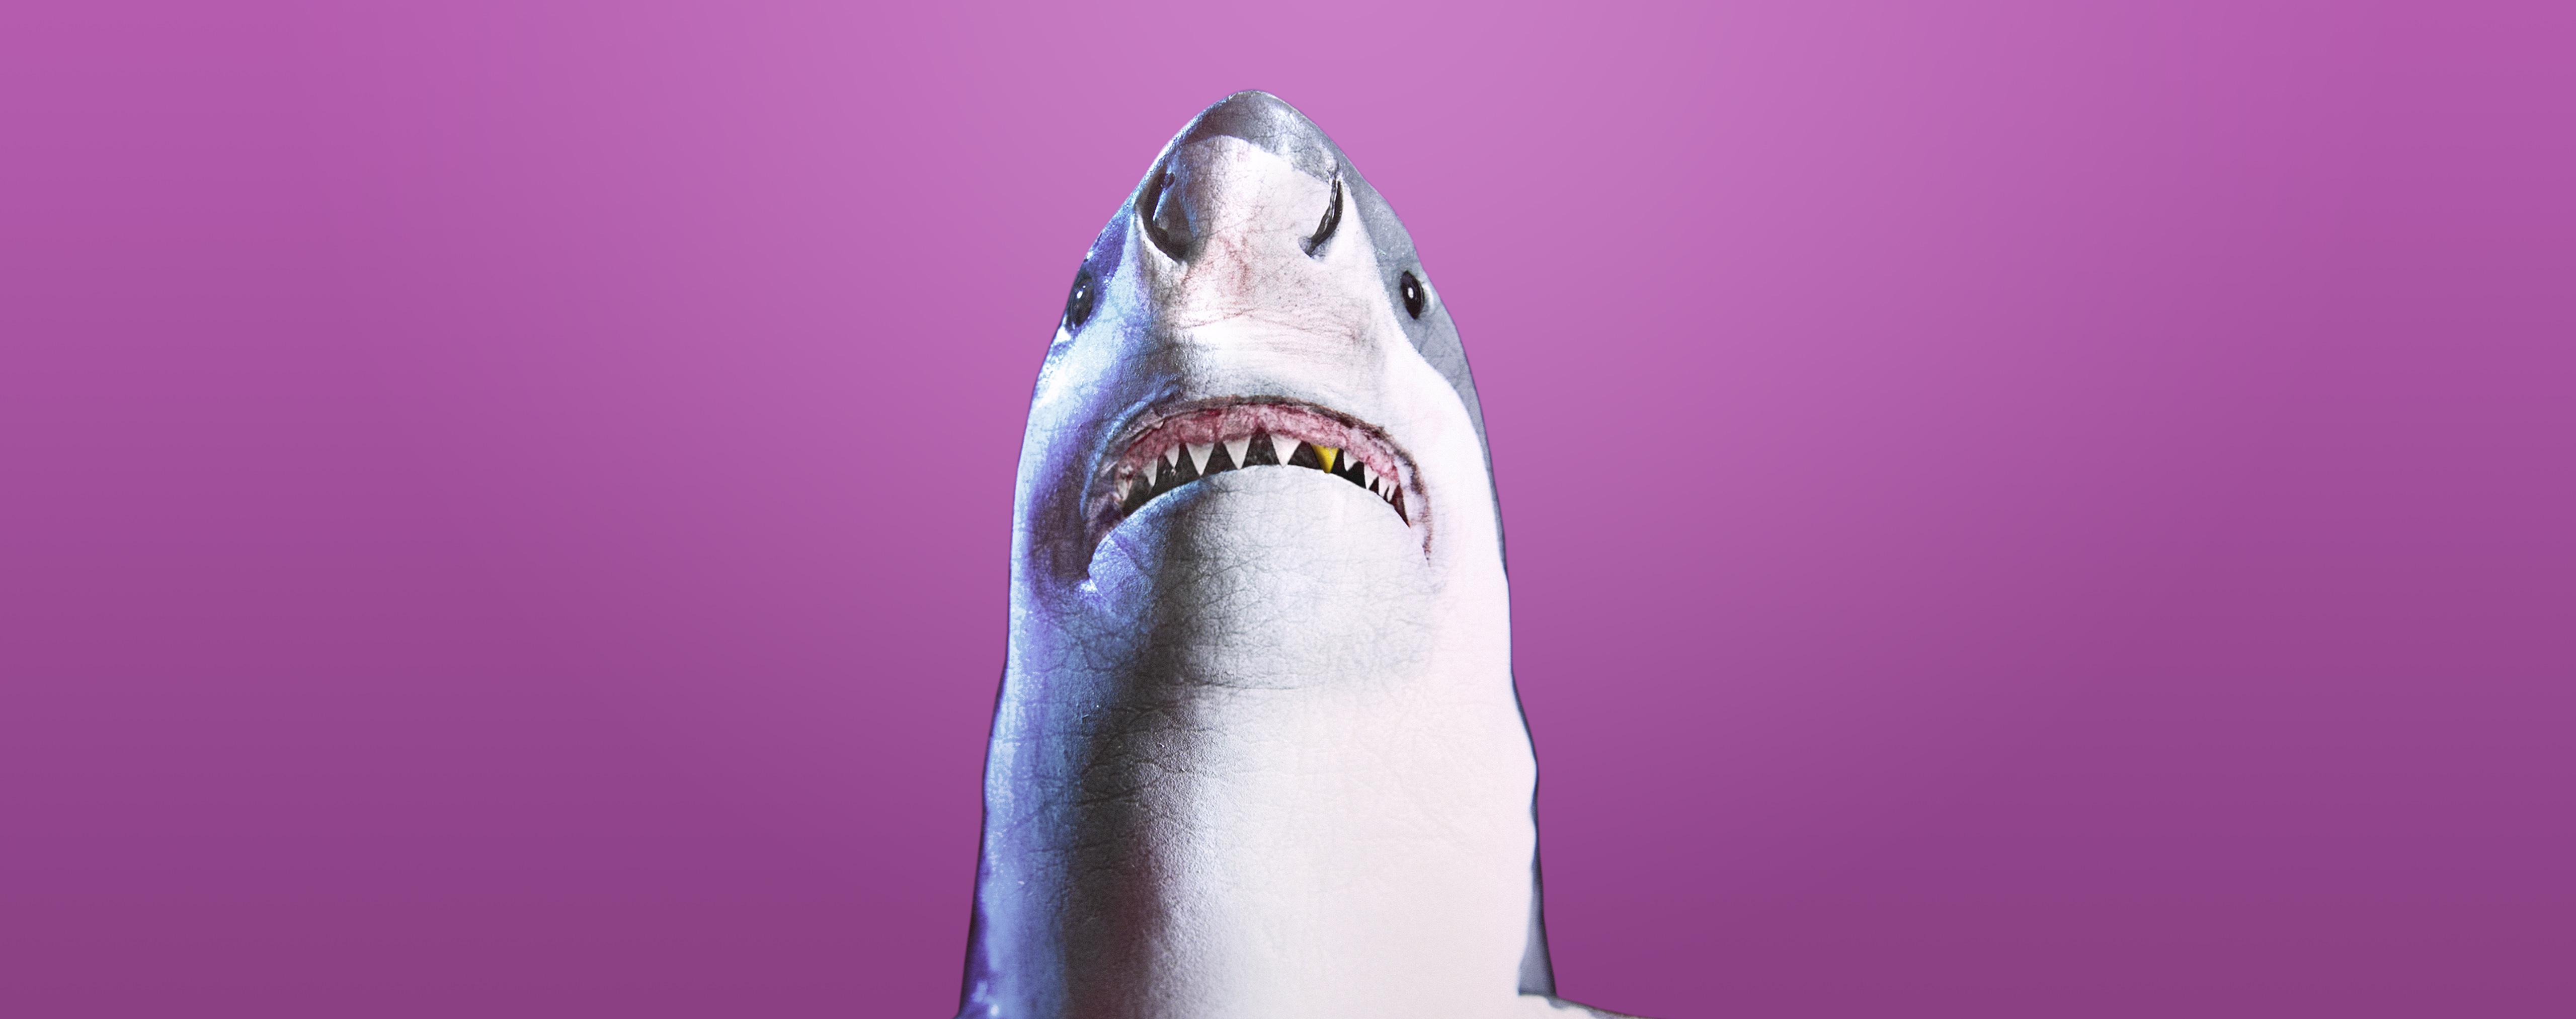 Weisser Hai auf violettem Hintergrund